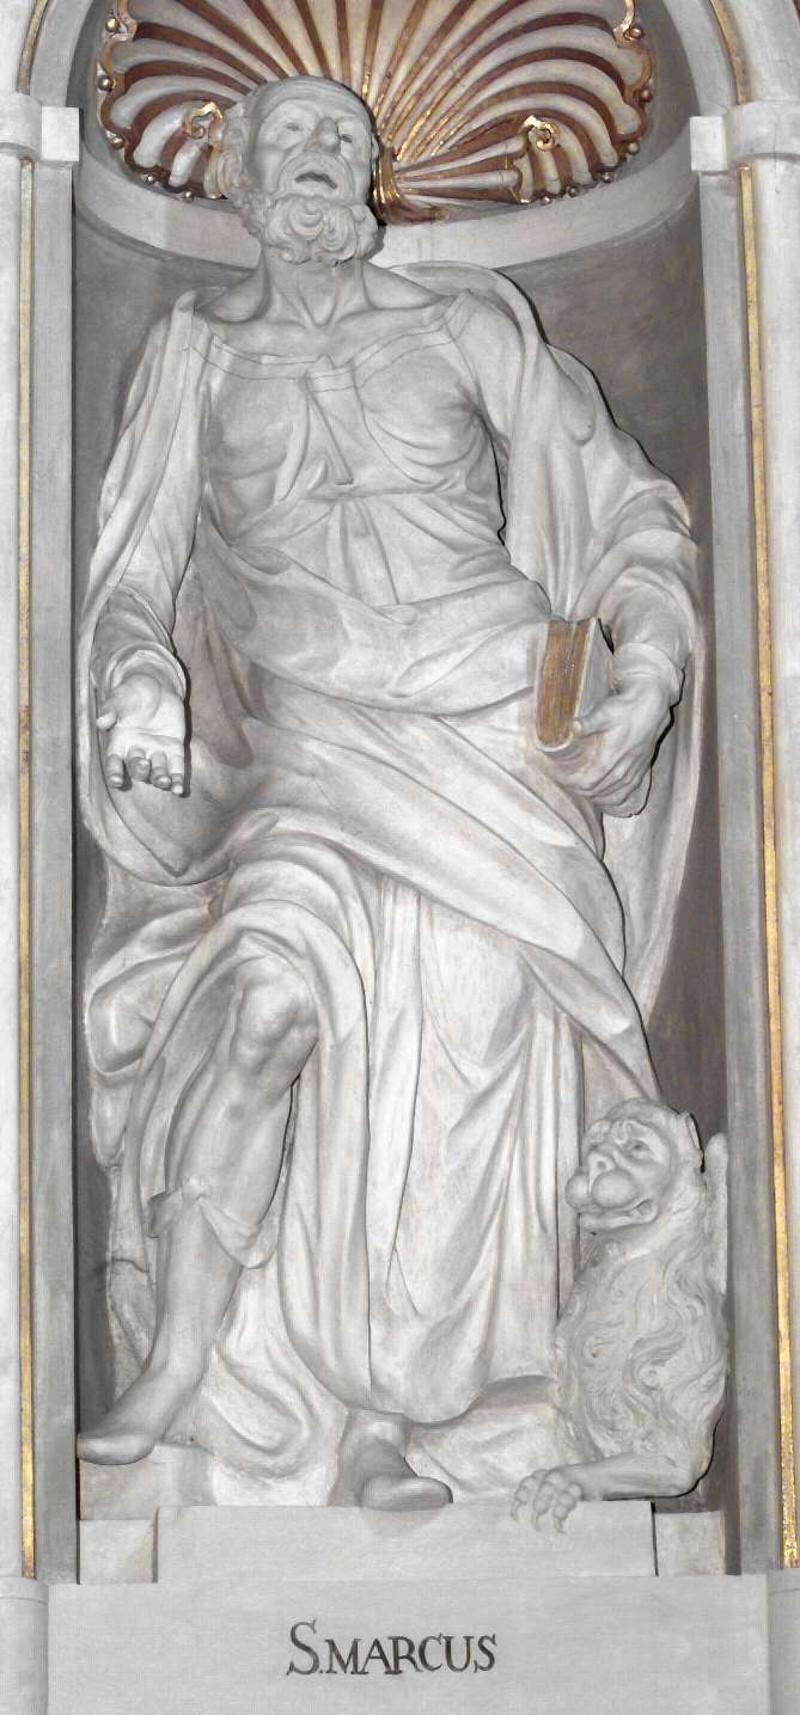 Calegari S. (1688), San Marco